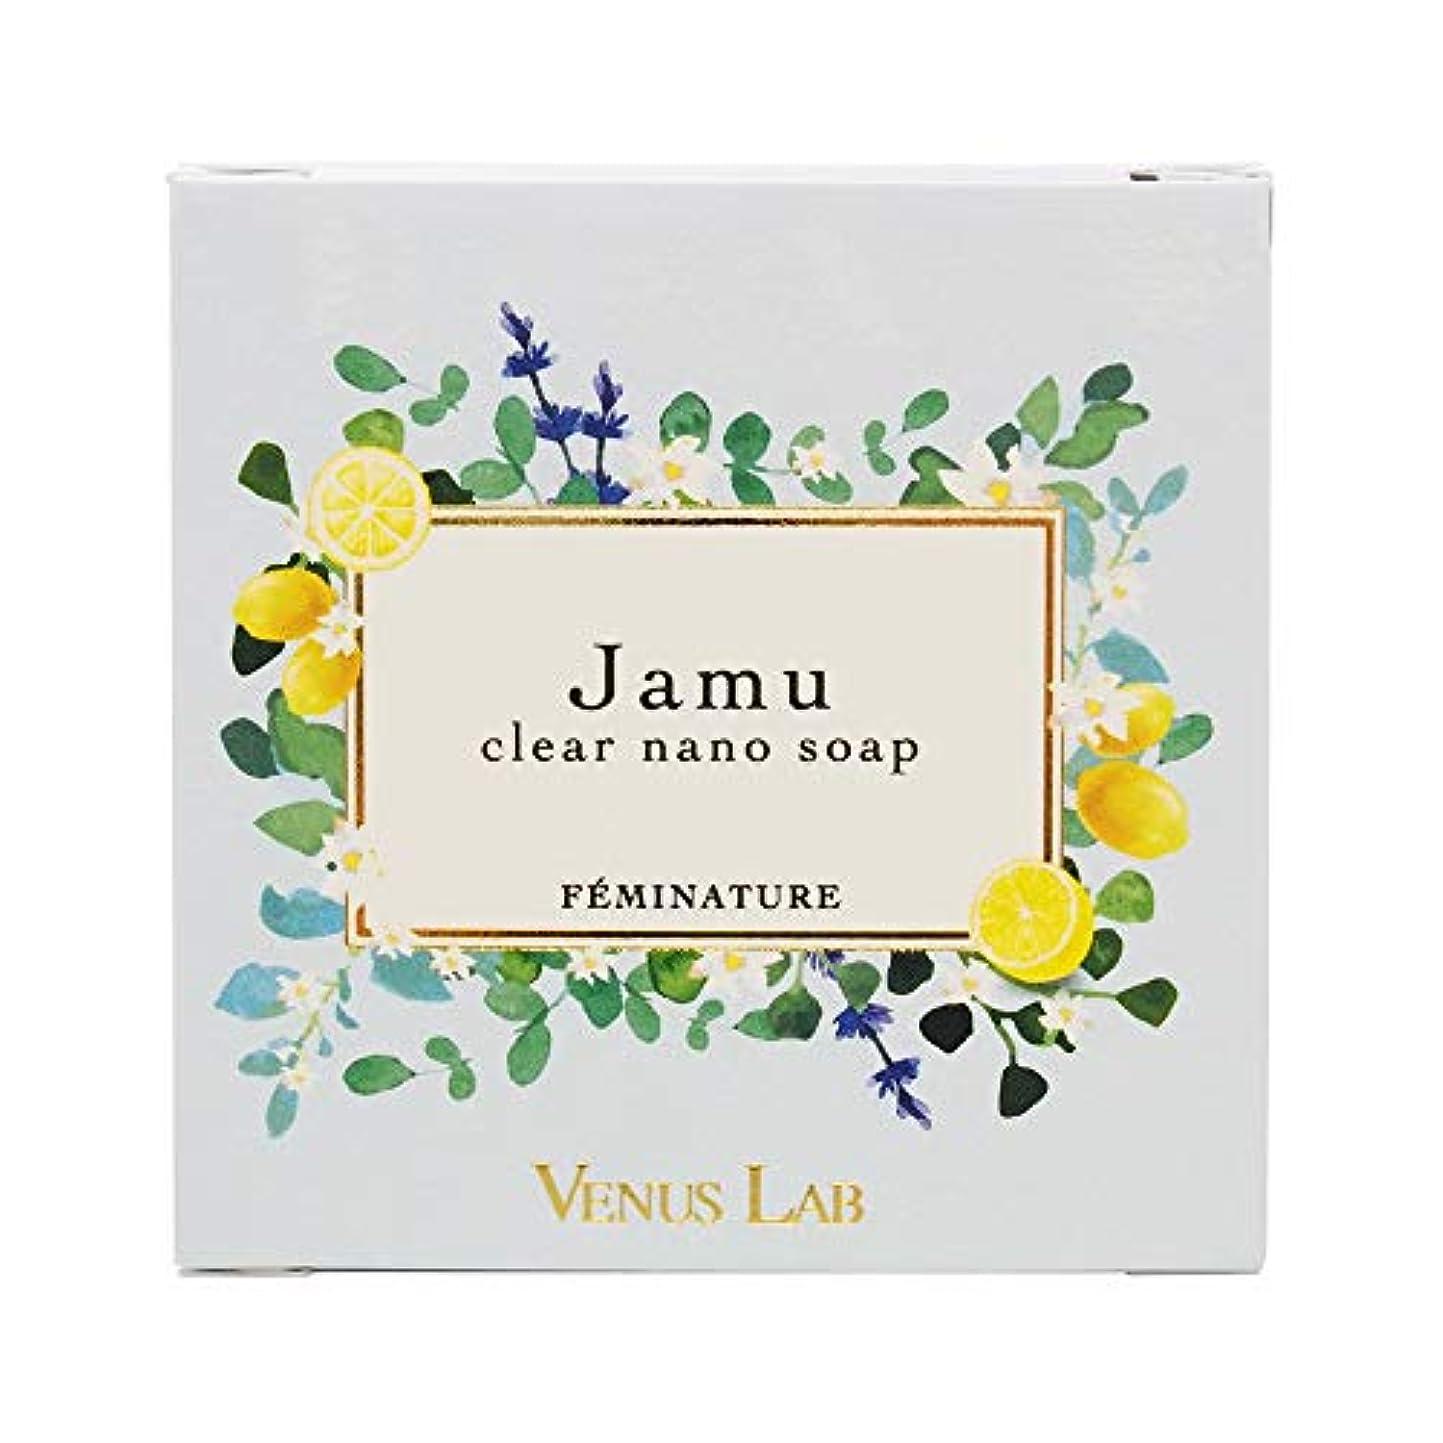 くま急いで水陸両用ヴィーナスラボ フェミナチュール ジャムウクリアナノソープ 石鹸 レモングラスの香り 100g